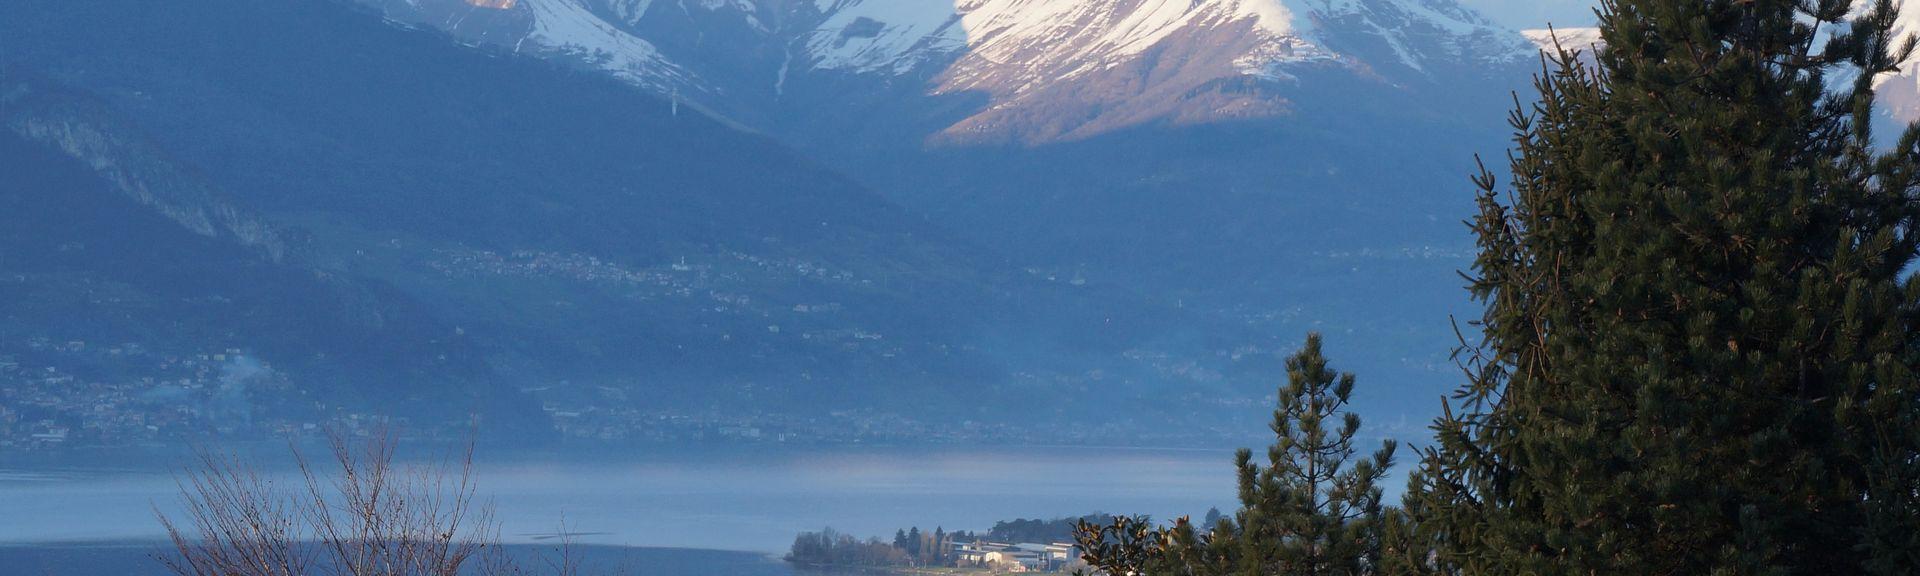 Peglio, Como, Lombardy, Italy